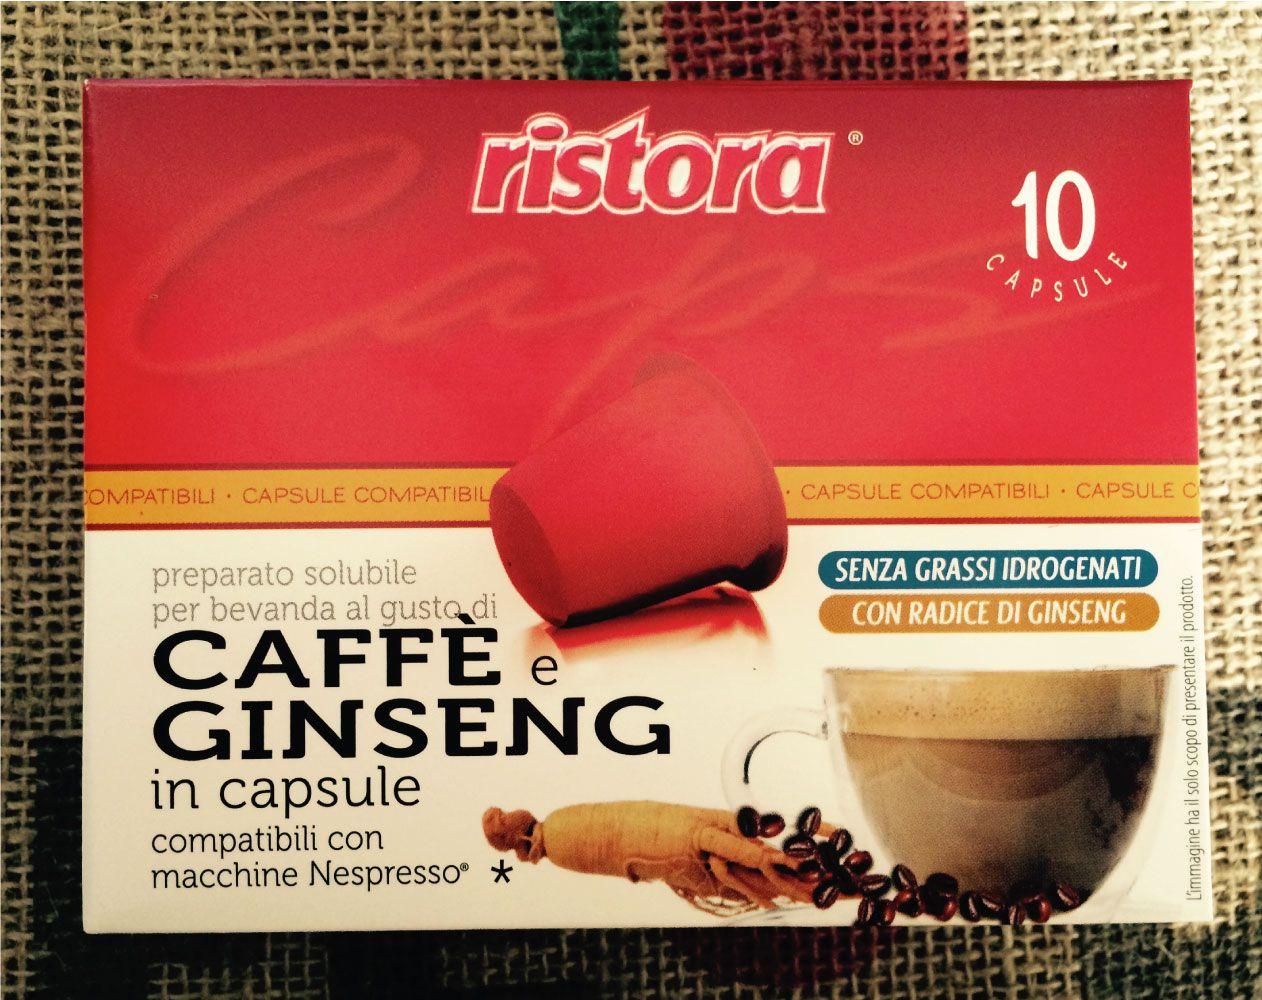 capsule compatibili Nespresso Ginseng